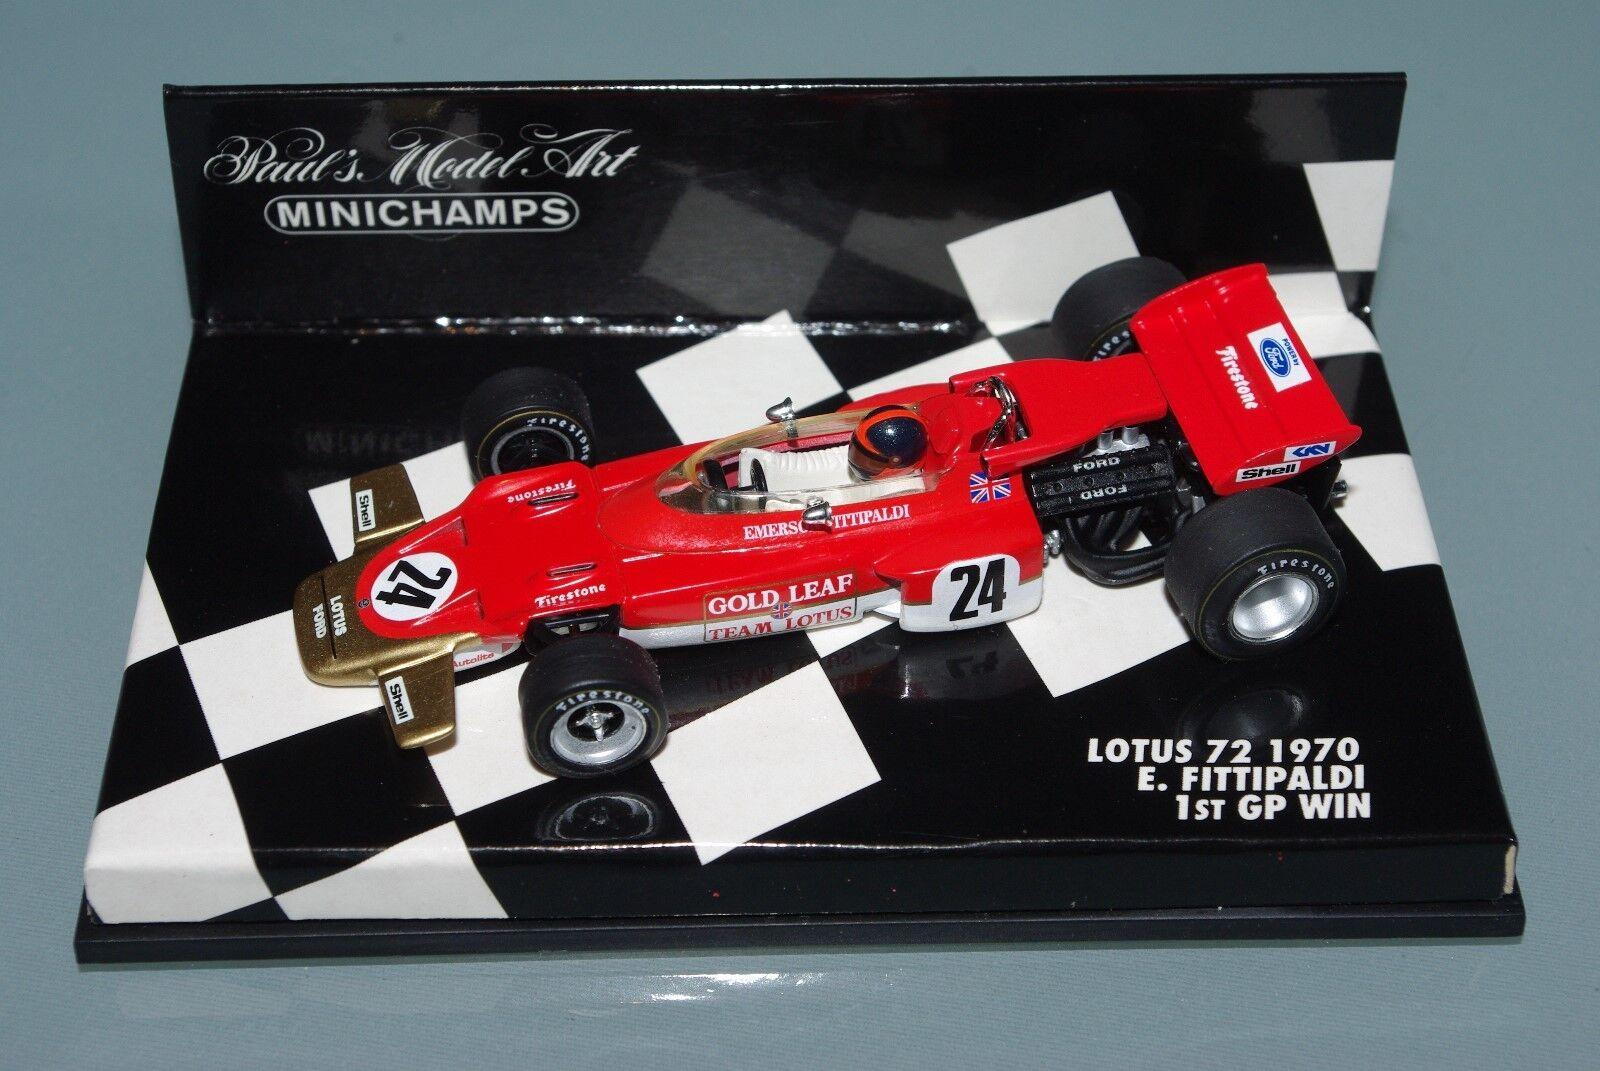 Minichamps F1 1 43 LOTUS 72 1970 - EMERSON FITTIPALDI - 1st GP WIN